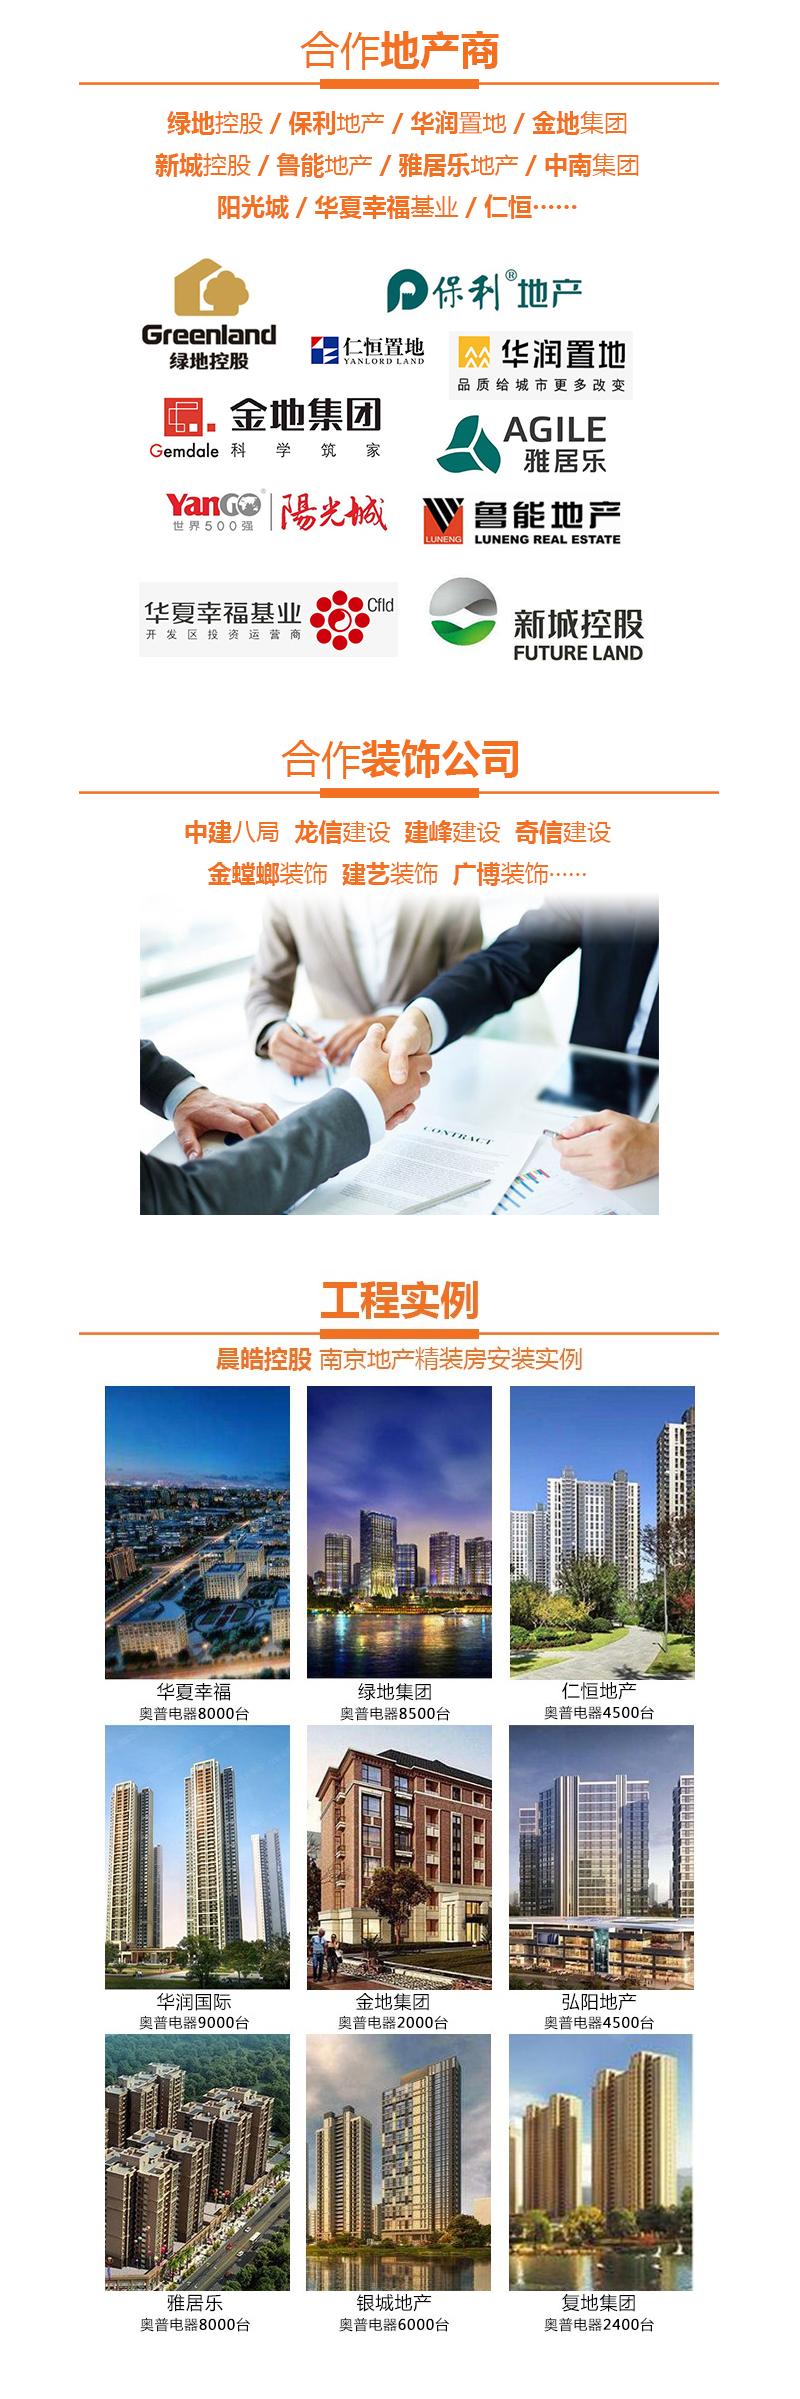 奥普地产工程截图文章2020-5-6_01_02